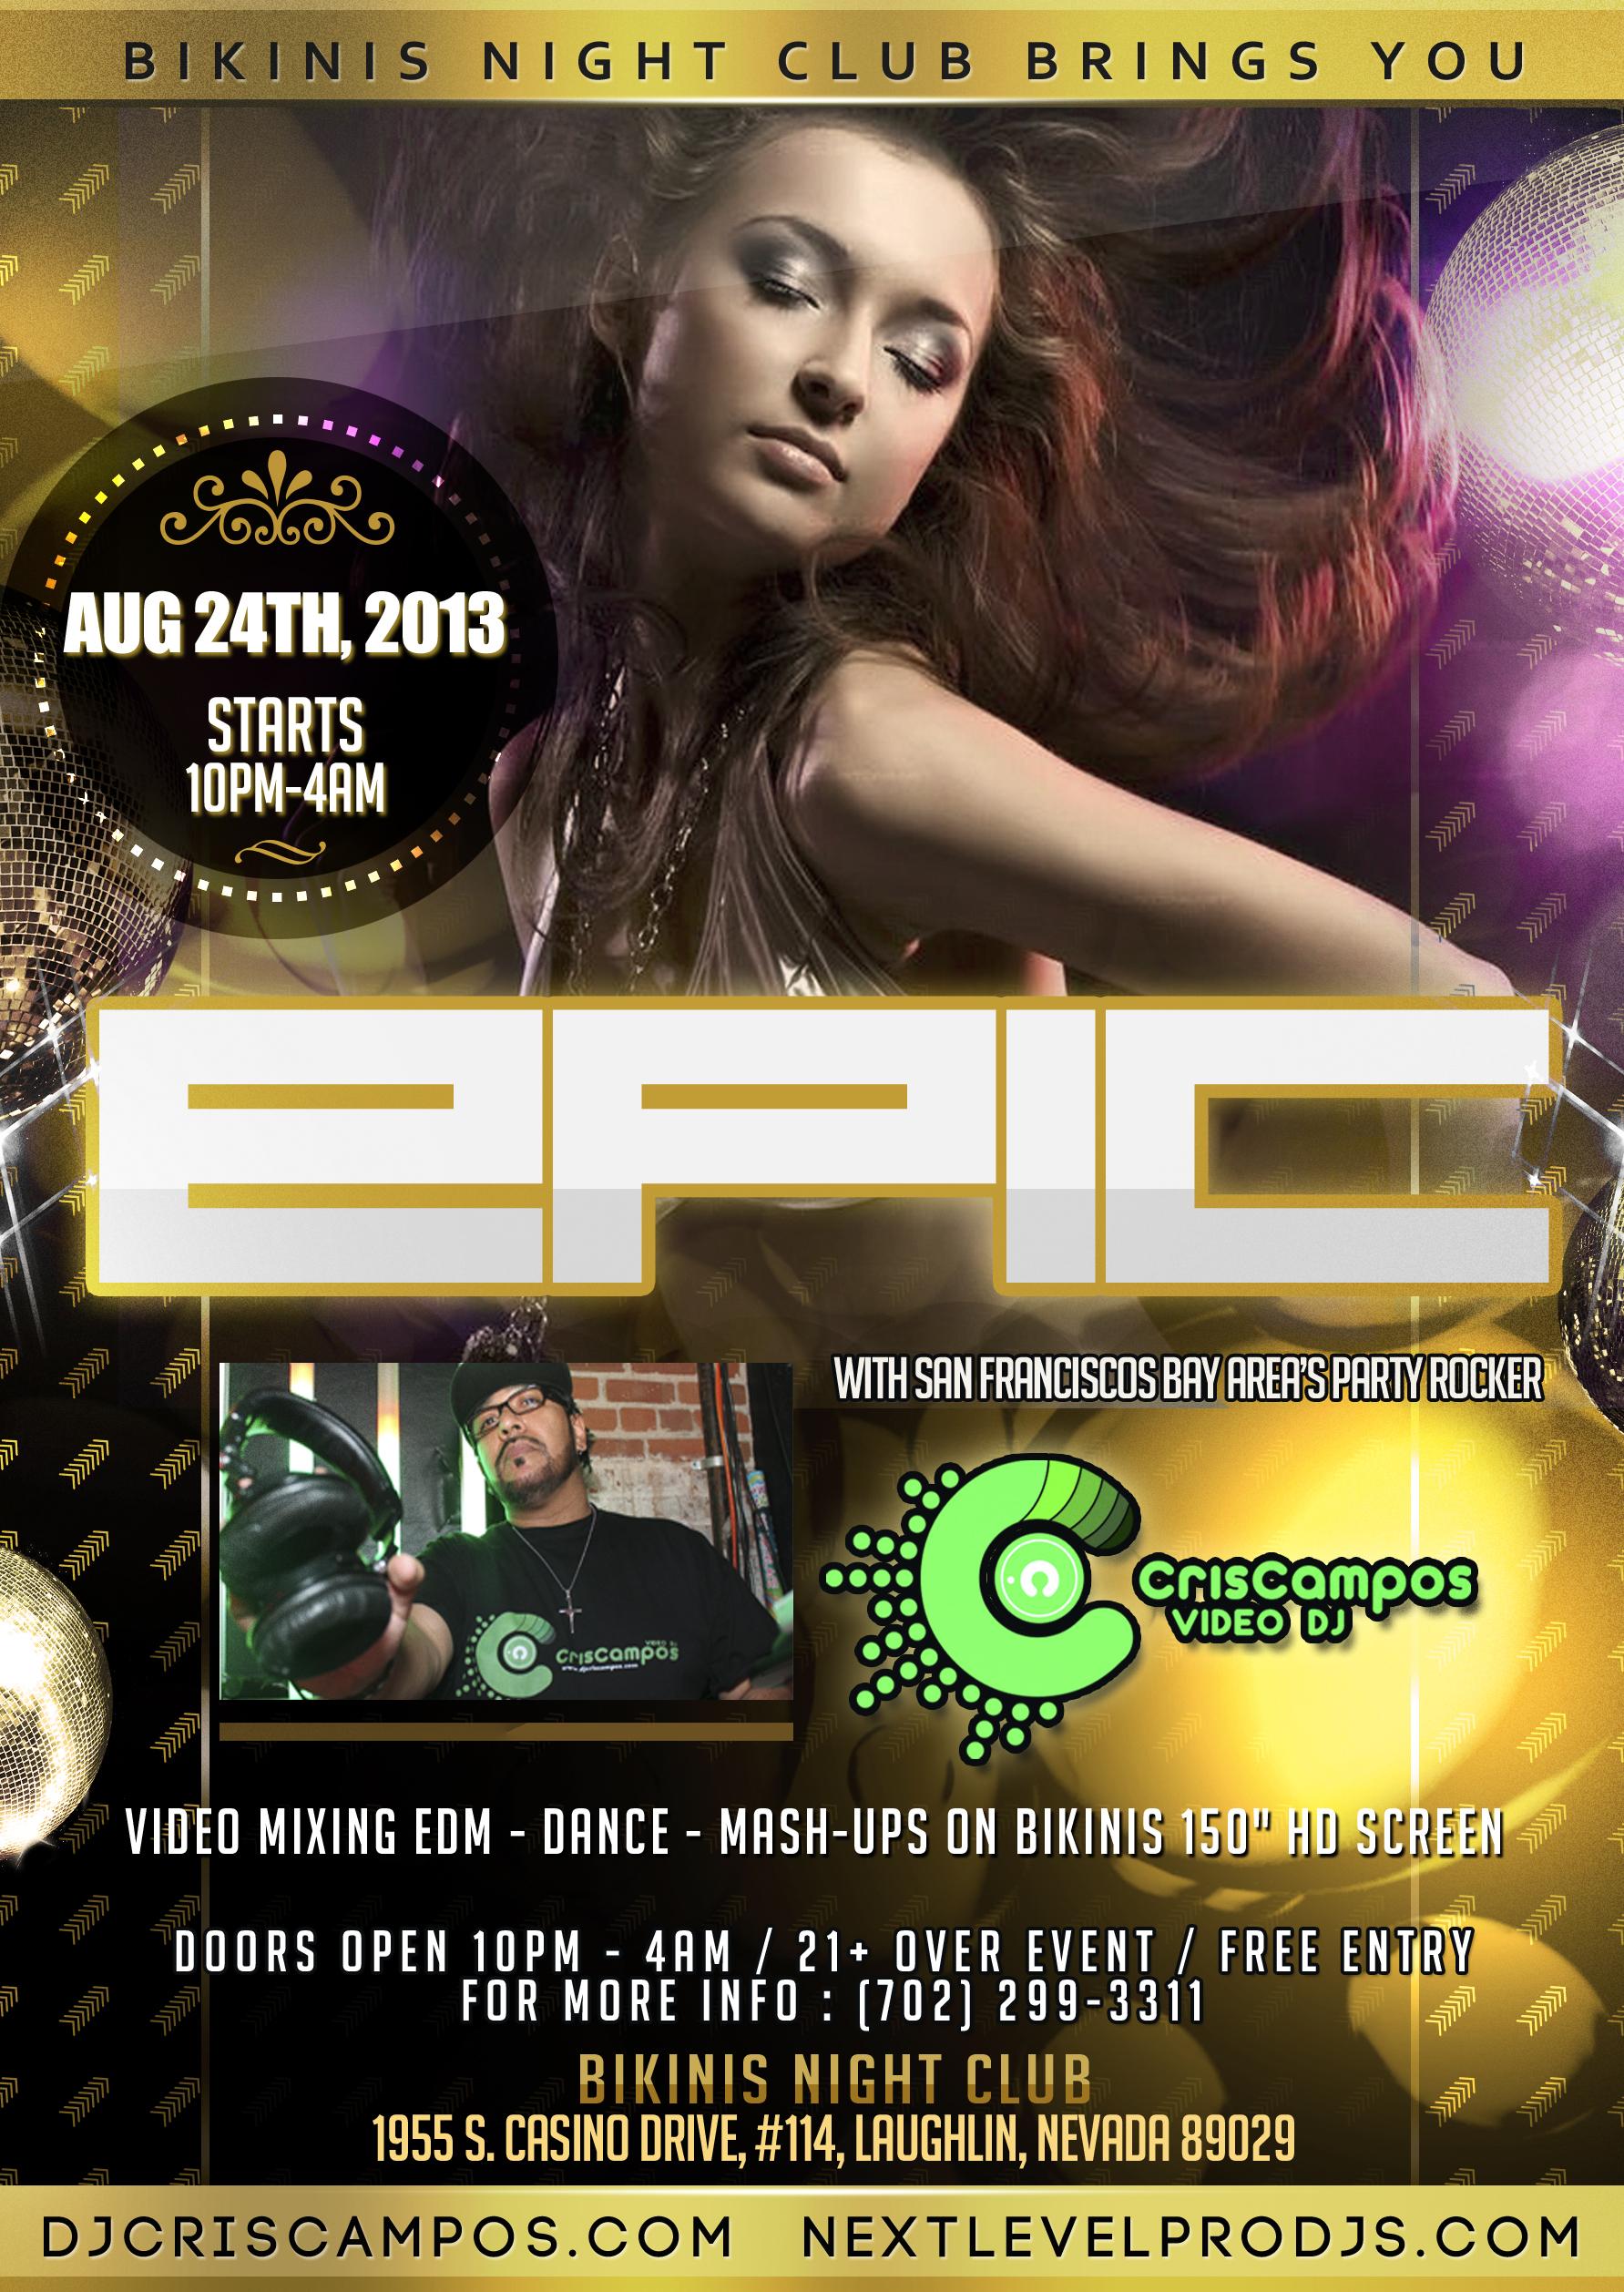 cris campos_epic flyer-4